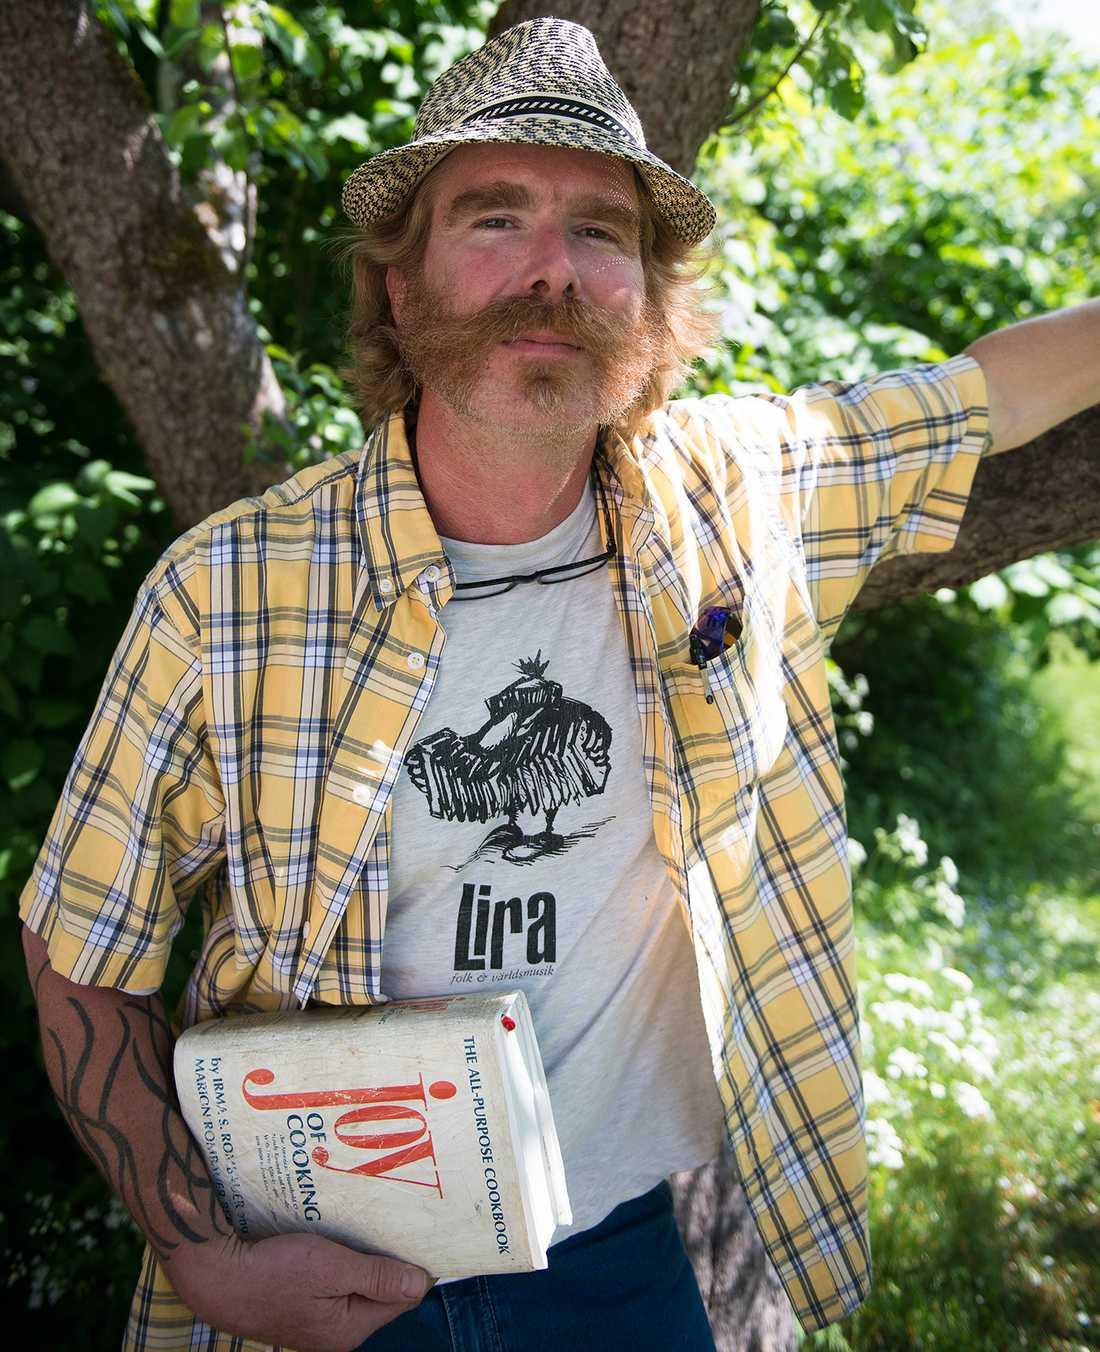 John T Stenson, 41.